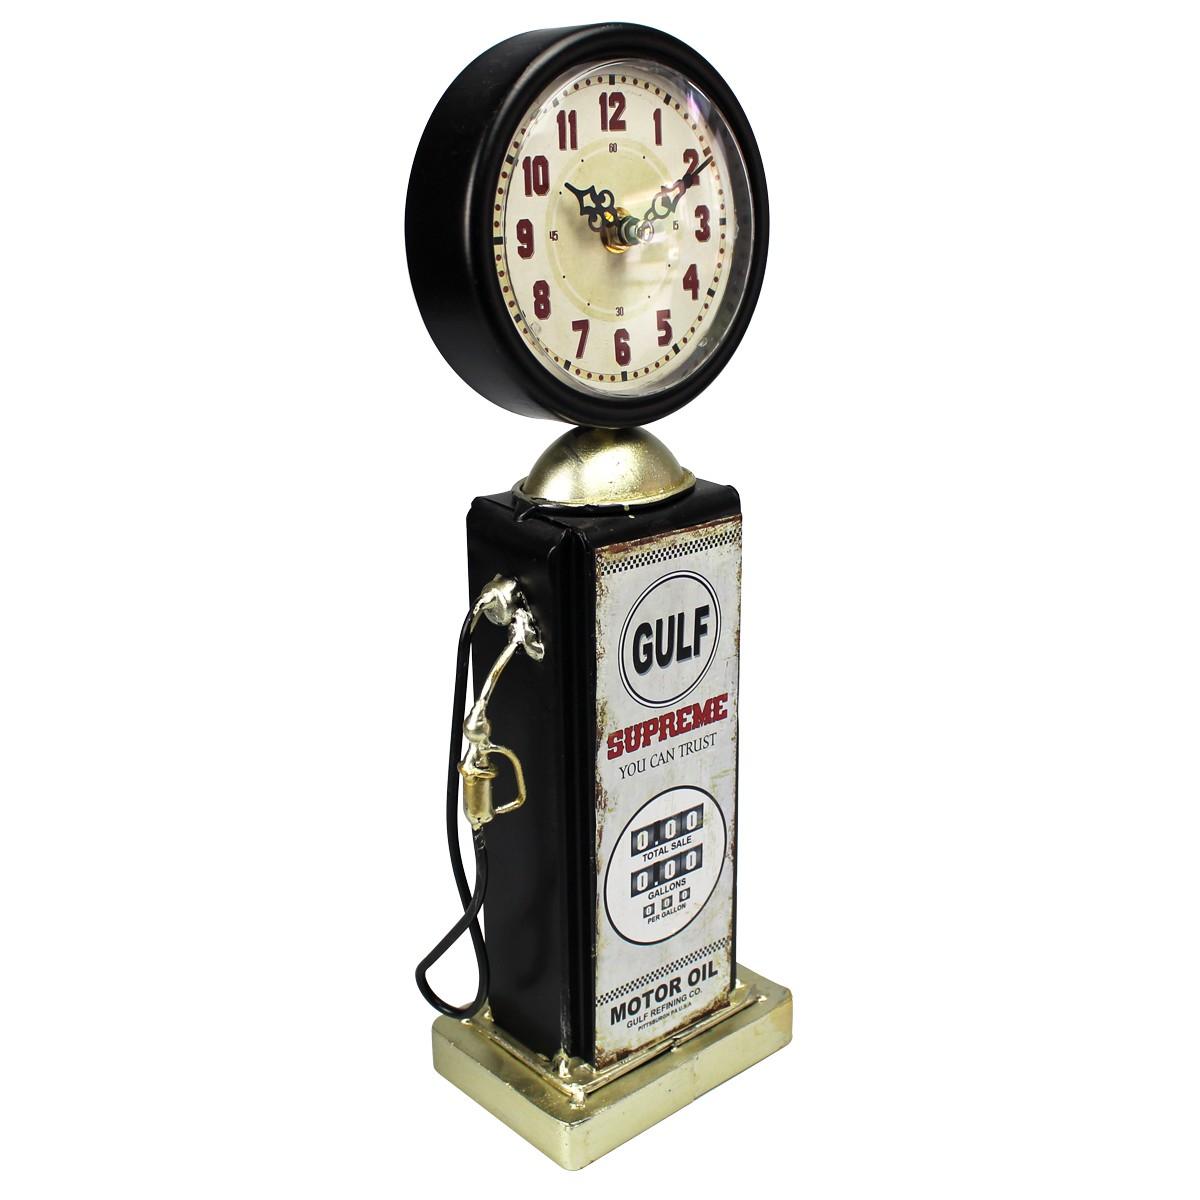 Relógio De Mesa Bomba De Gasolina Gulf Supreme Preto